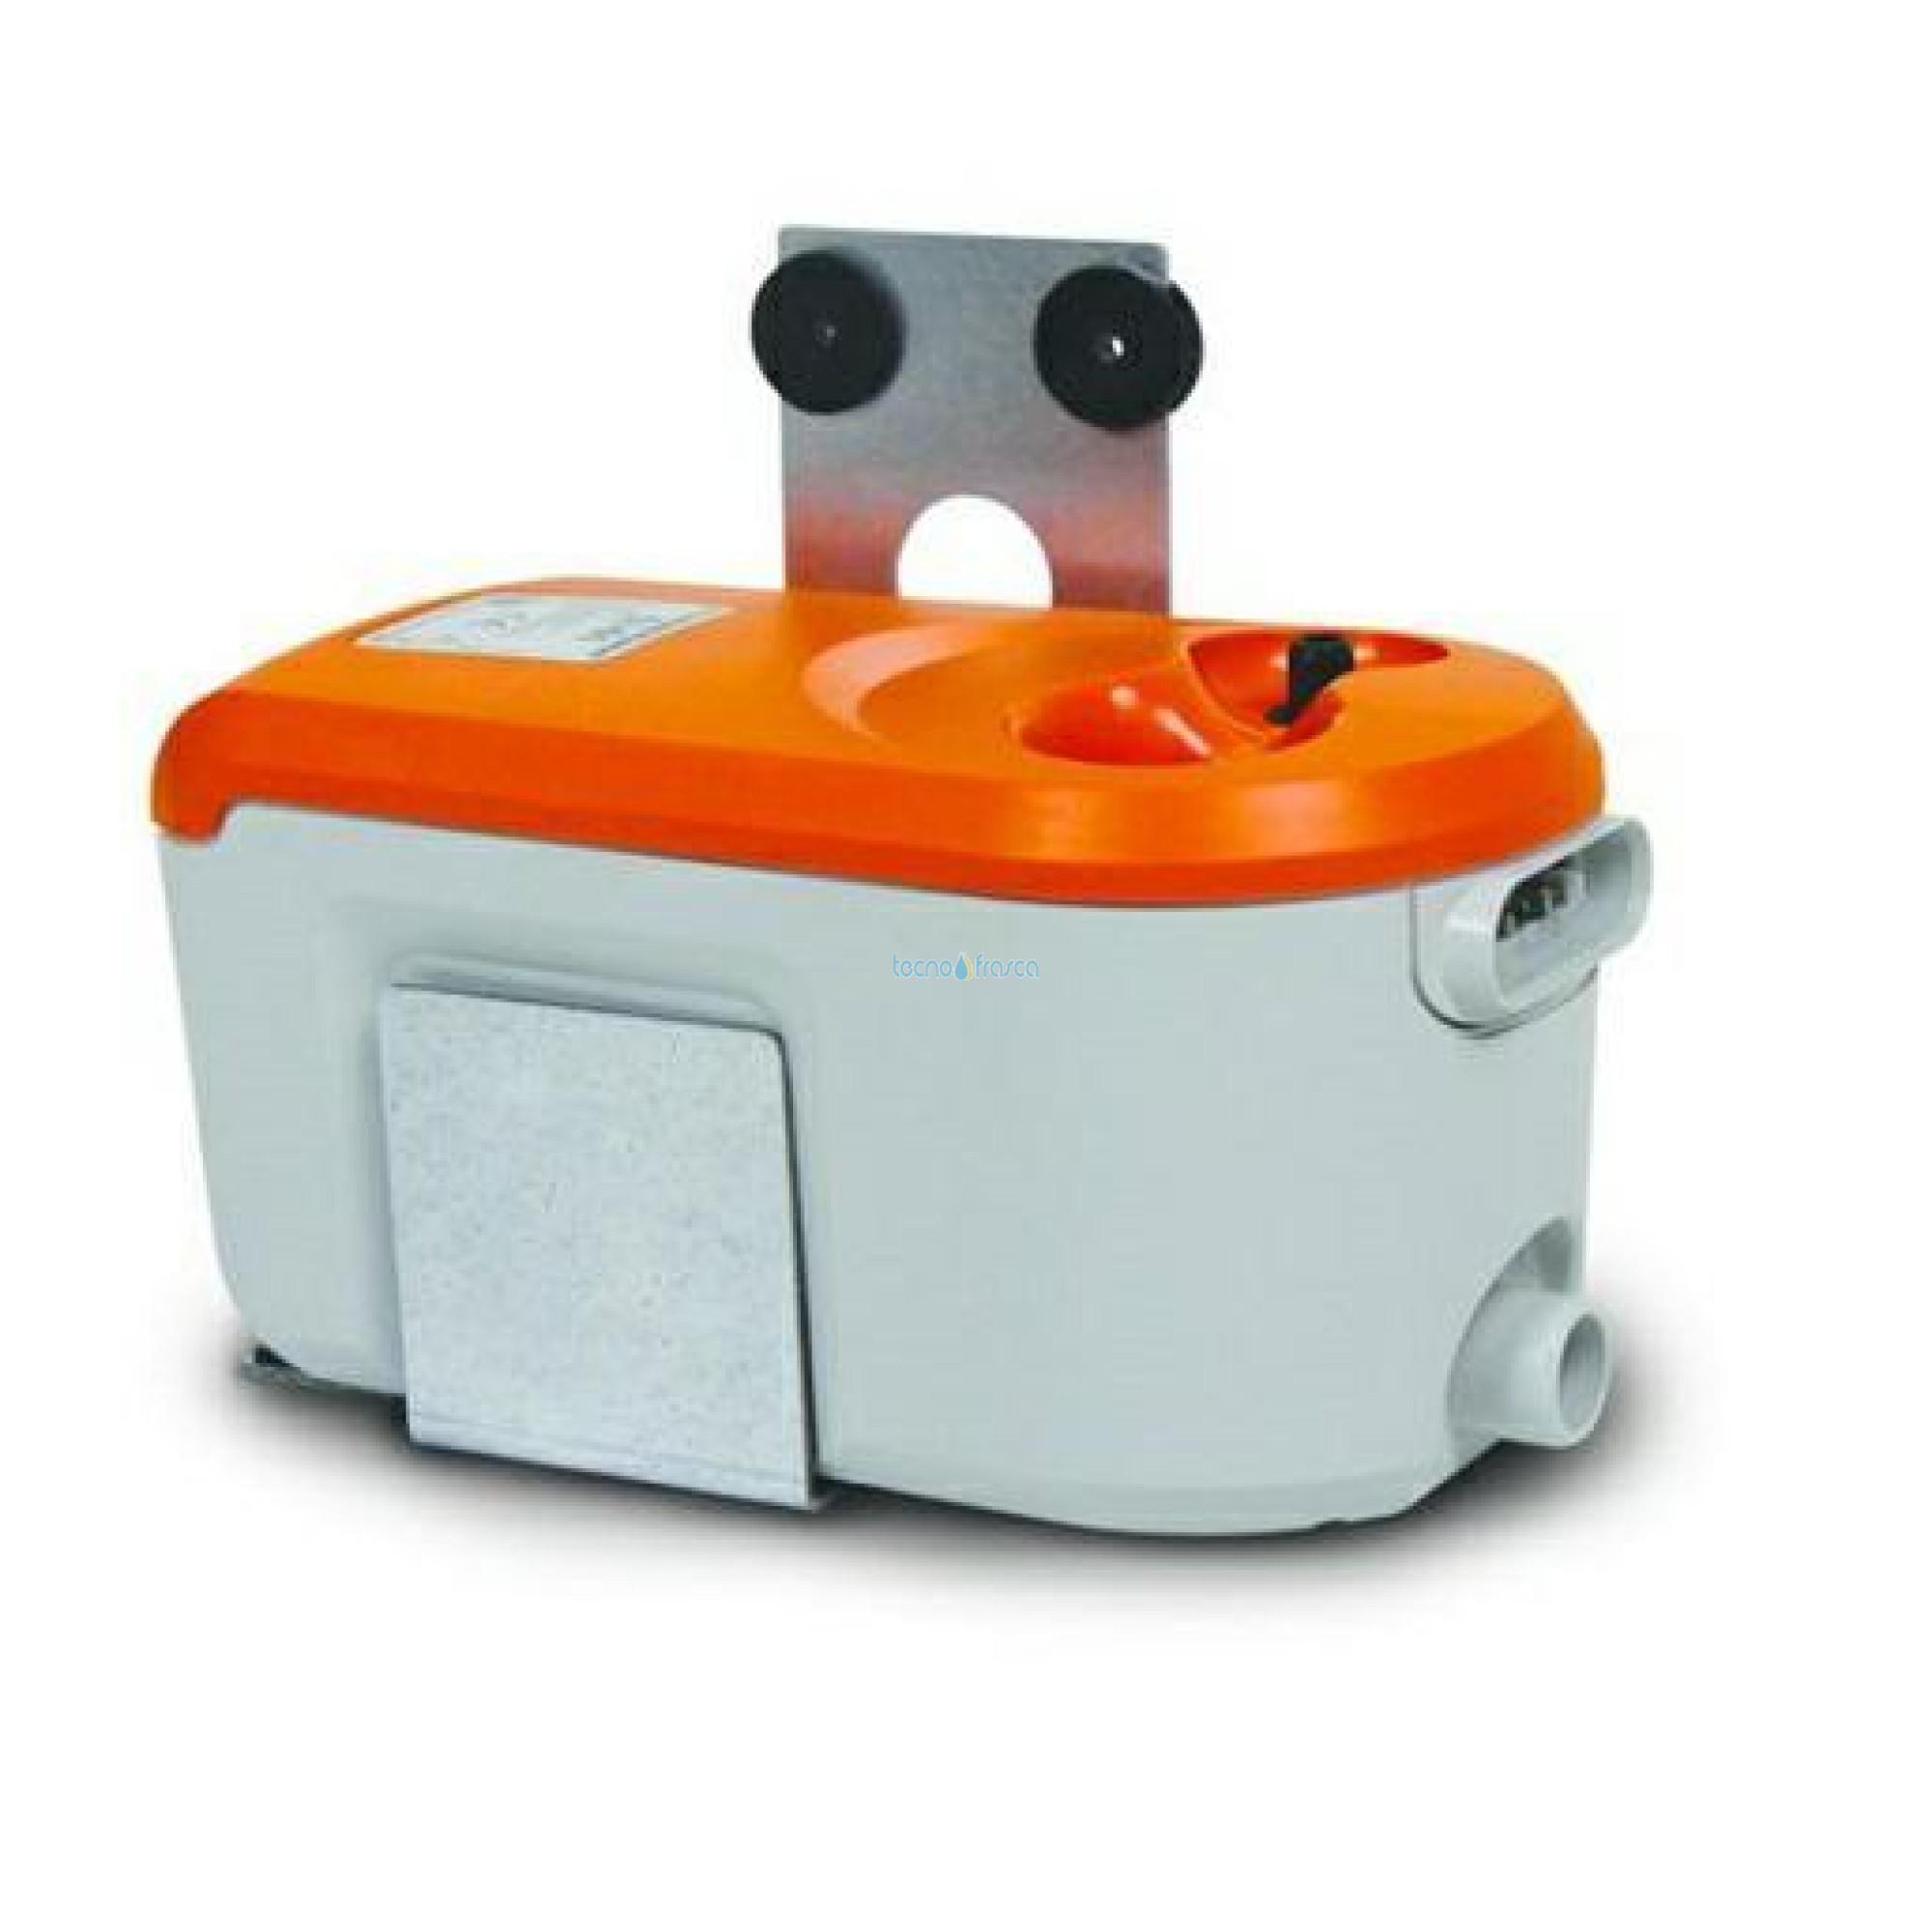 Pompa a pistone SI61 c/serb.integrato 0,37 lt x caldaie fino a 50kw